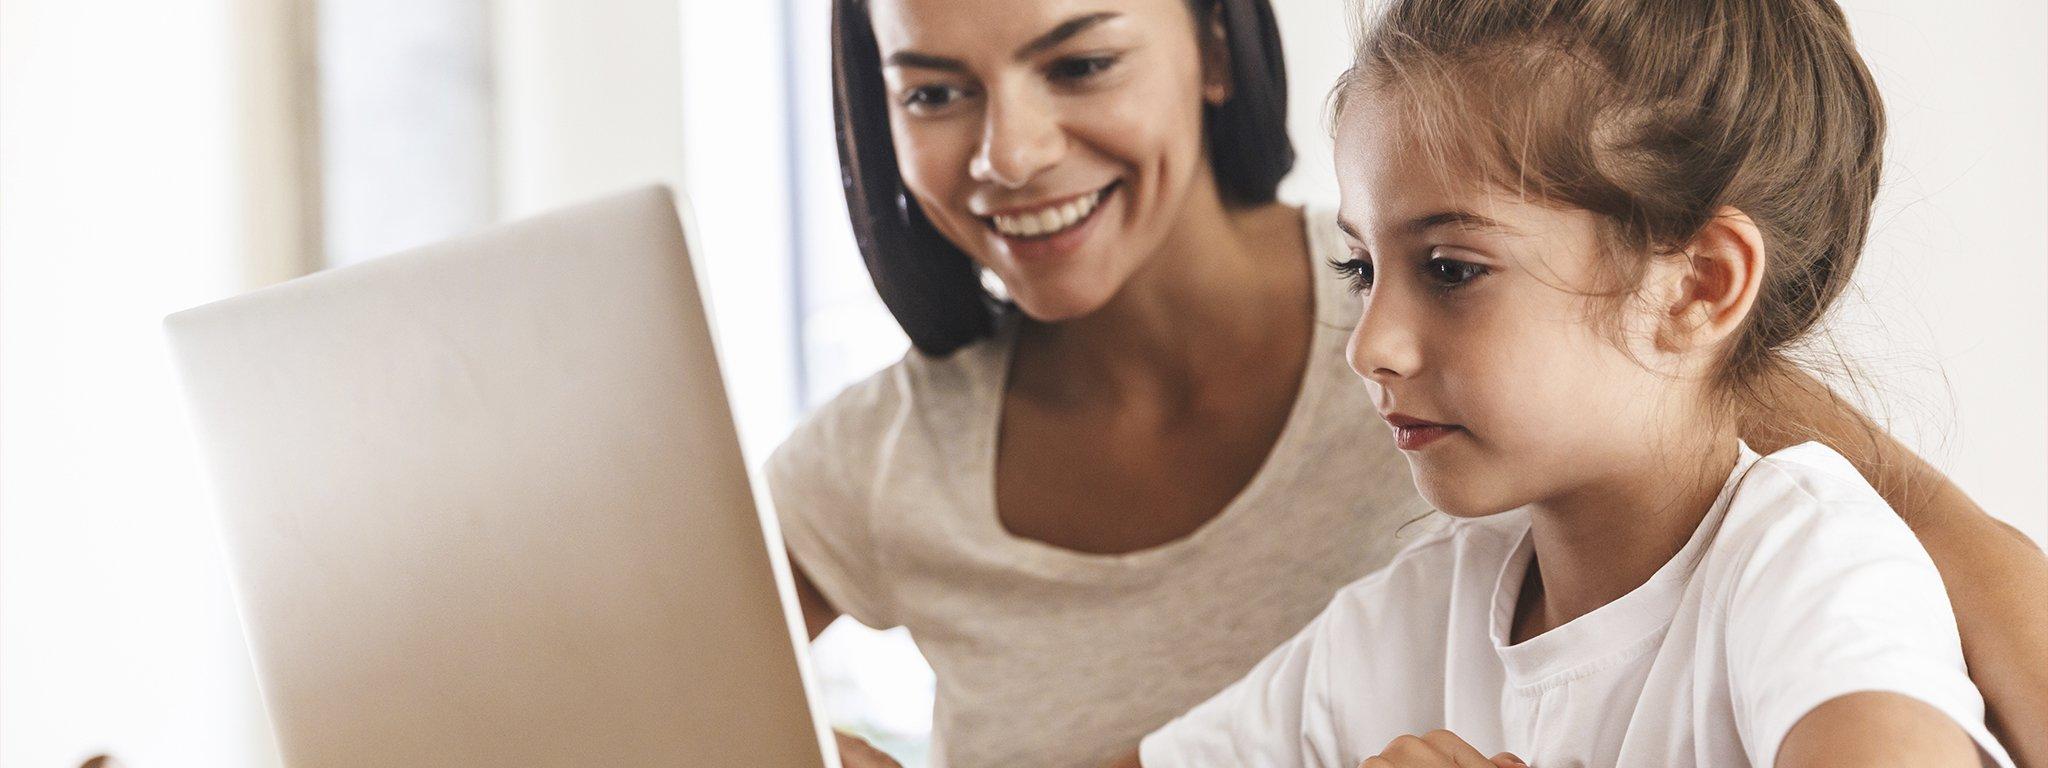 bir anne ve kızı evde bir dizüstü bilgisayar kullanırken bir masada gülümseyerek oturuyor